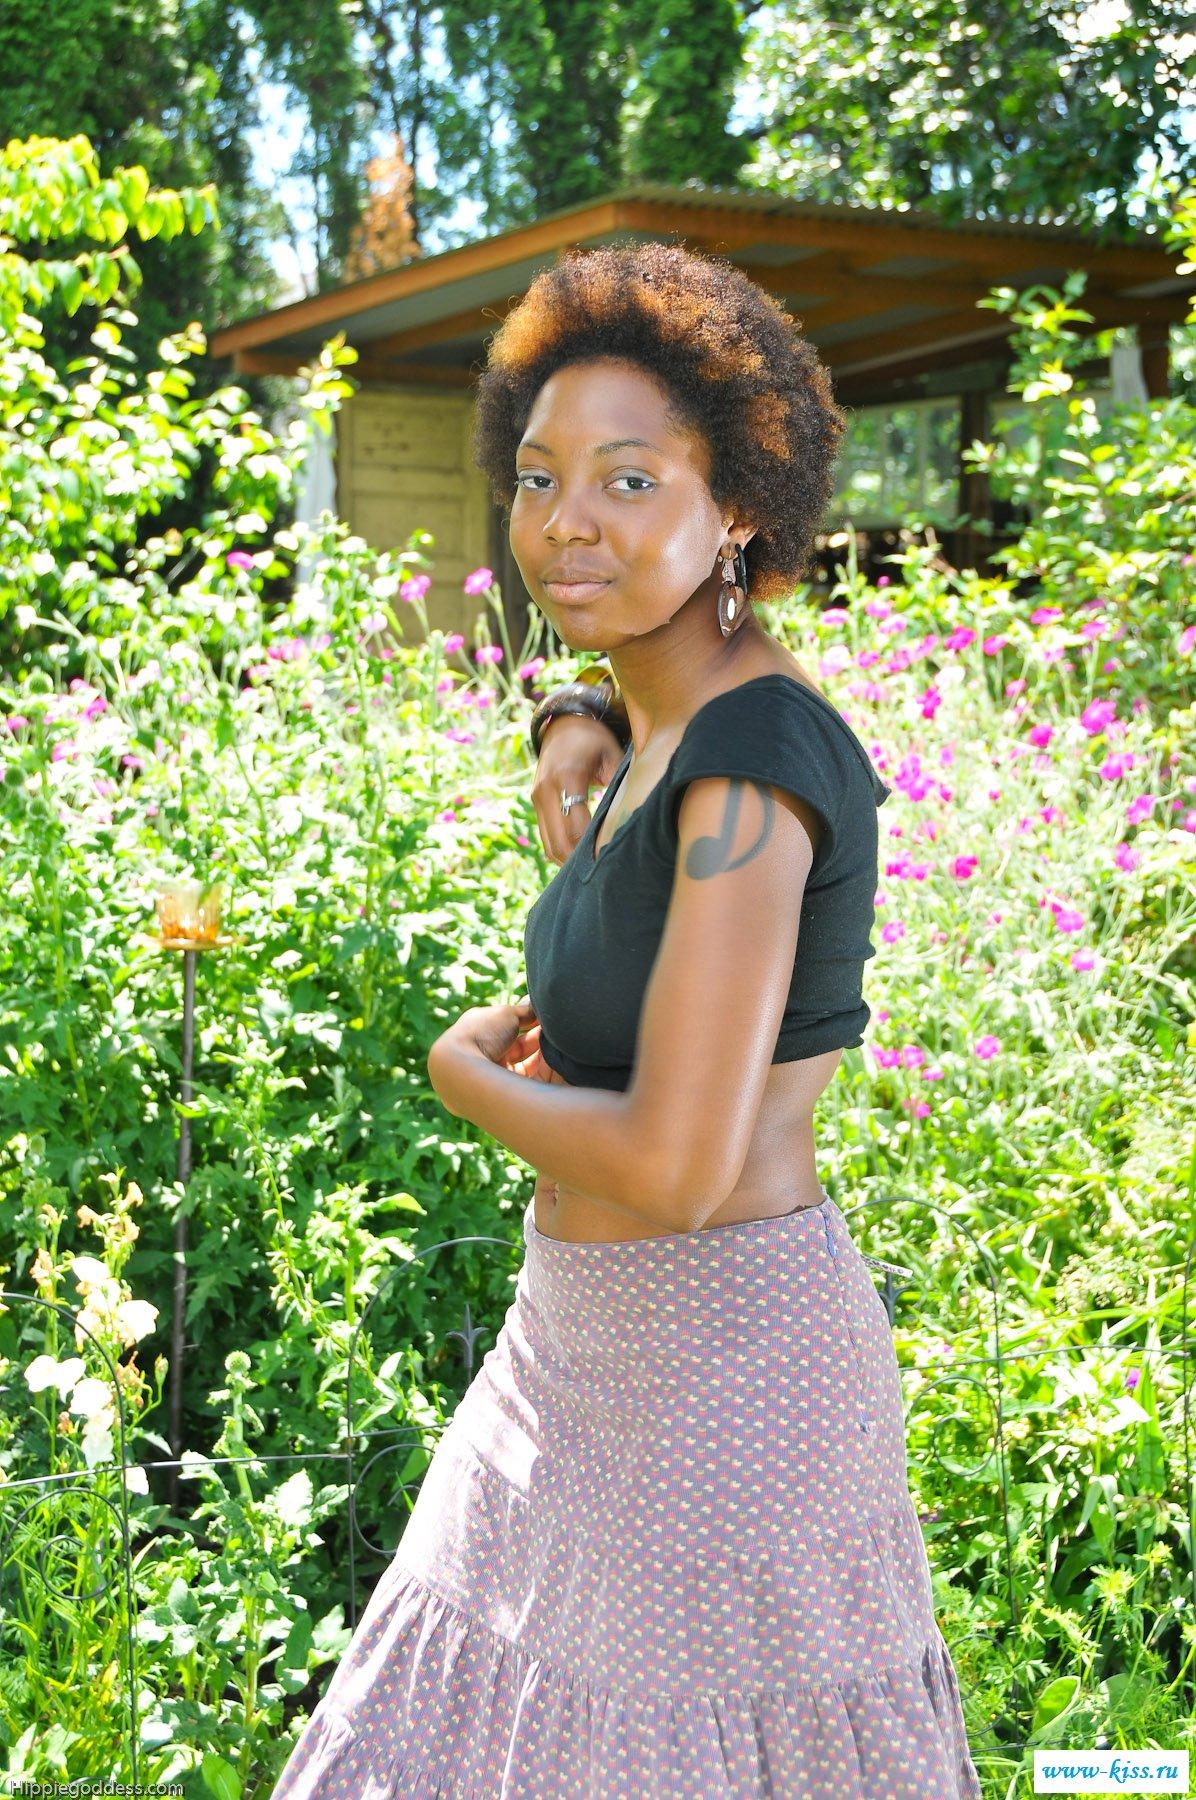 Голая негритянка резвится на природе